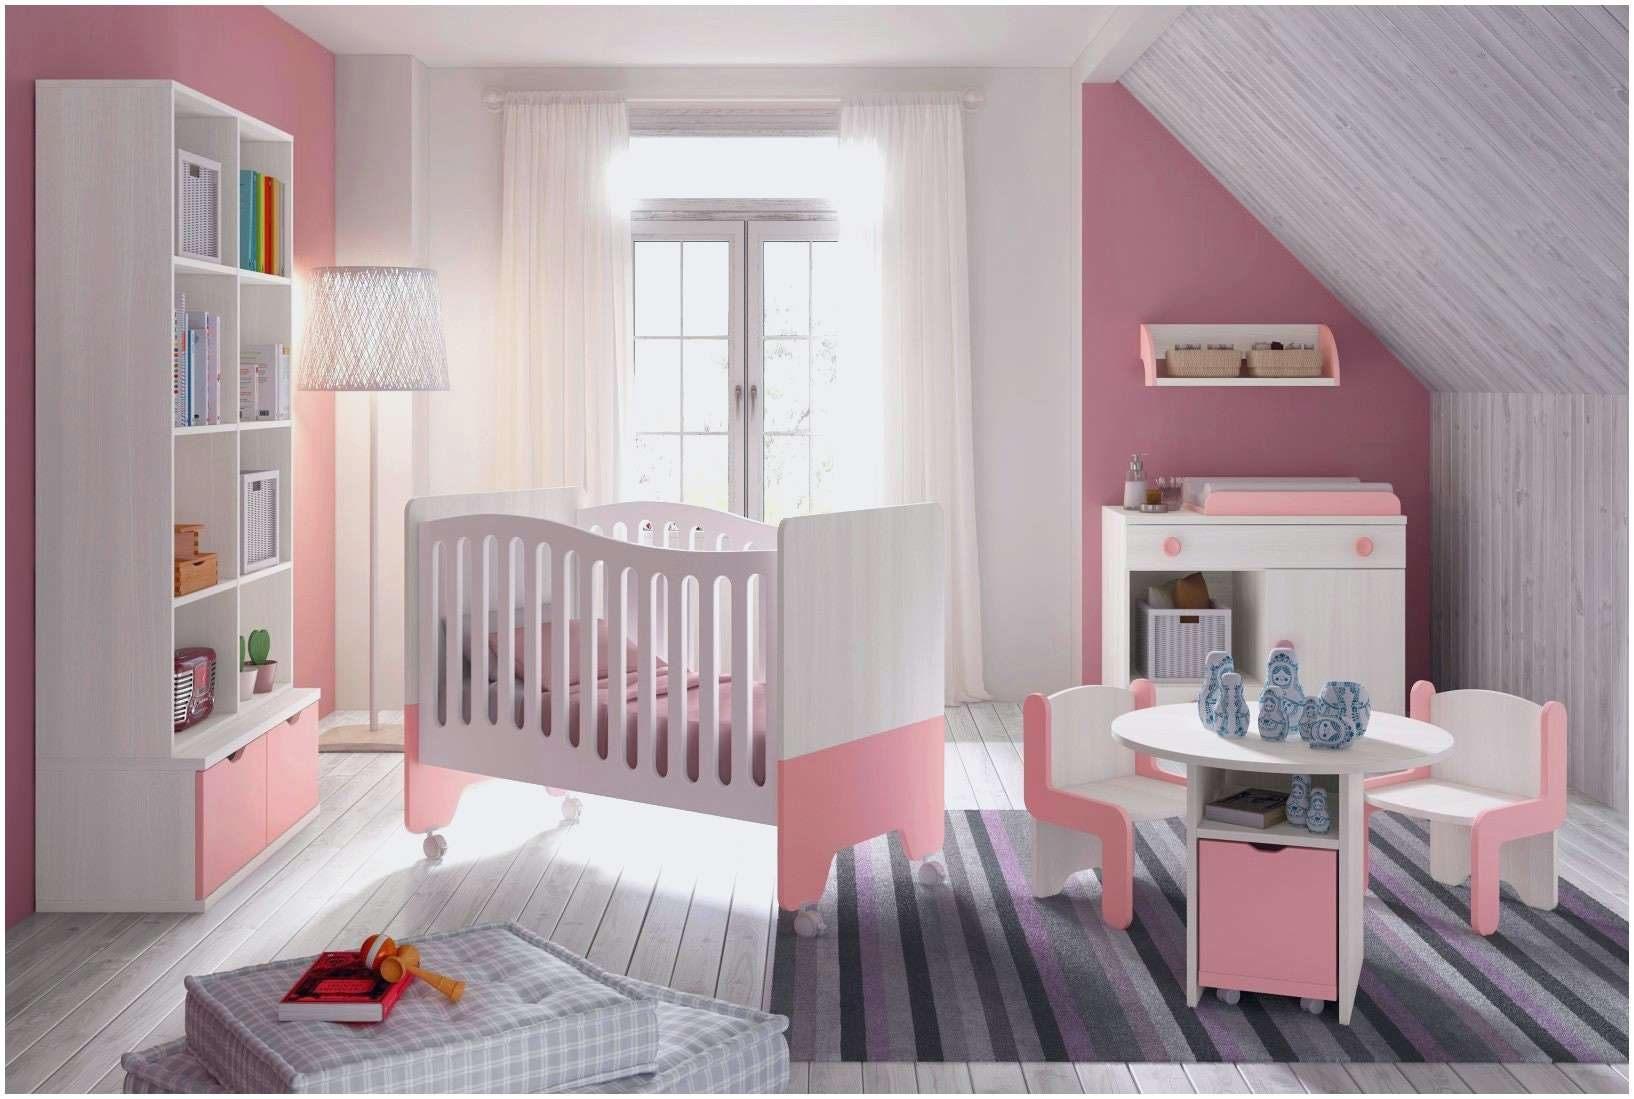 Linge De Lit Bébé Fille Génial Elégant Chambre Bébé Fille Gris Et Rose Beau Parc B C3 A9b C3 A9